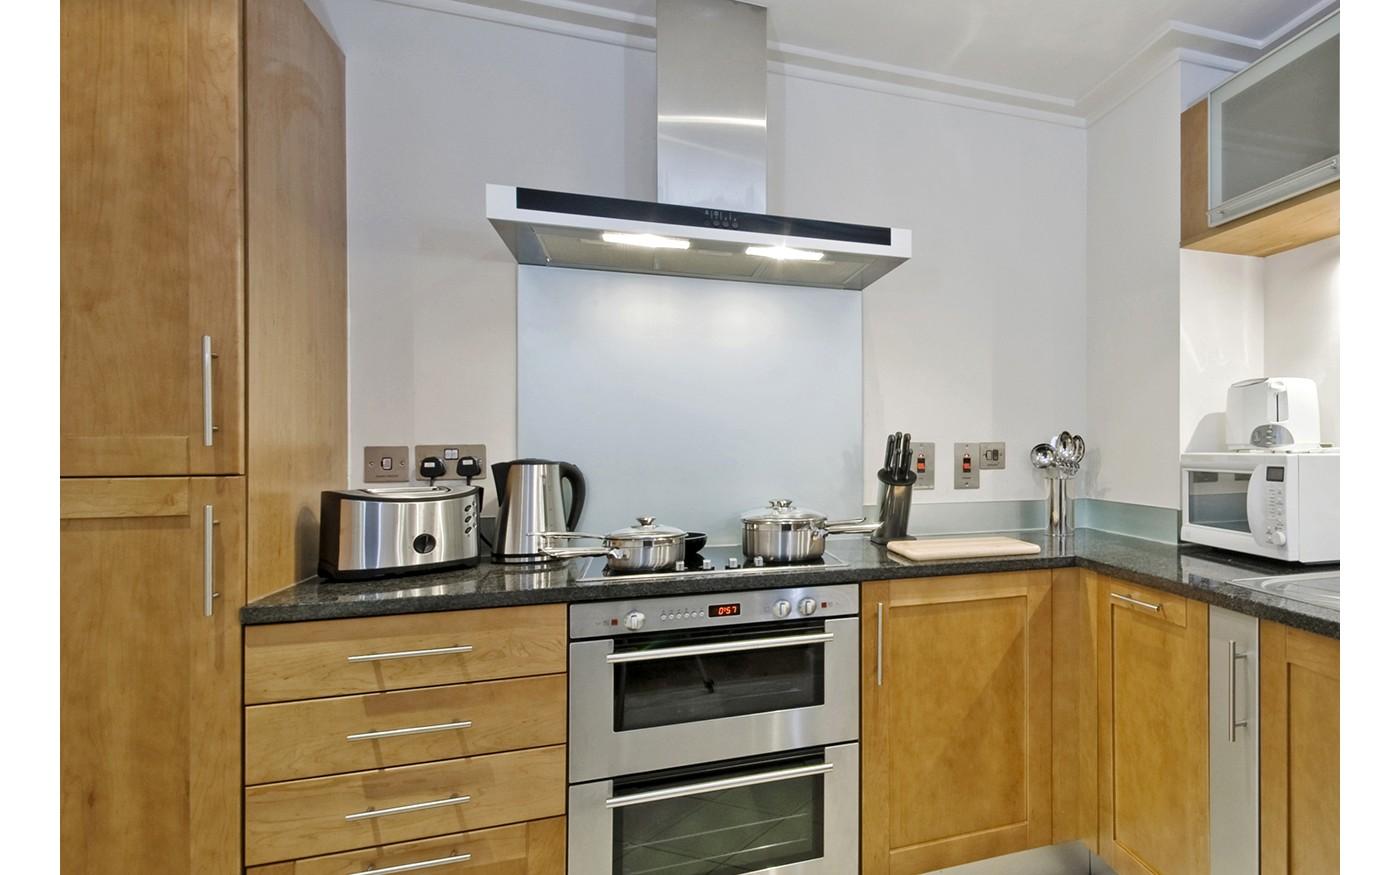 Küchenrückwand aus Milchglas/Edelstahl in einer modernen Küche